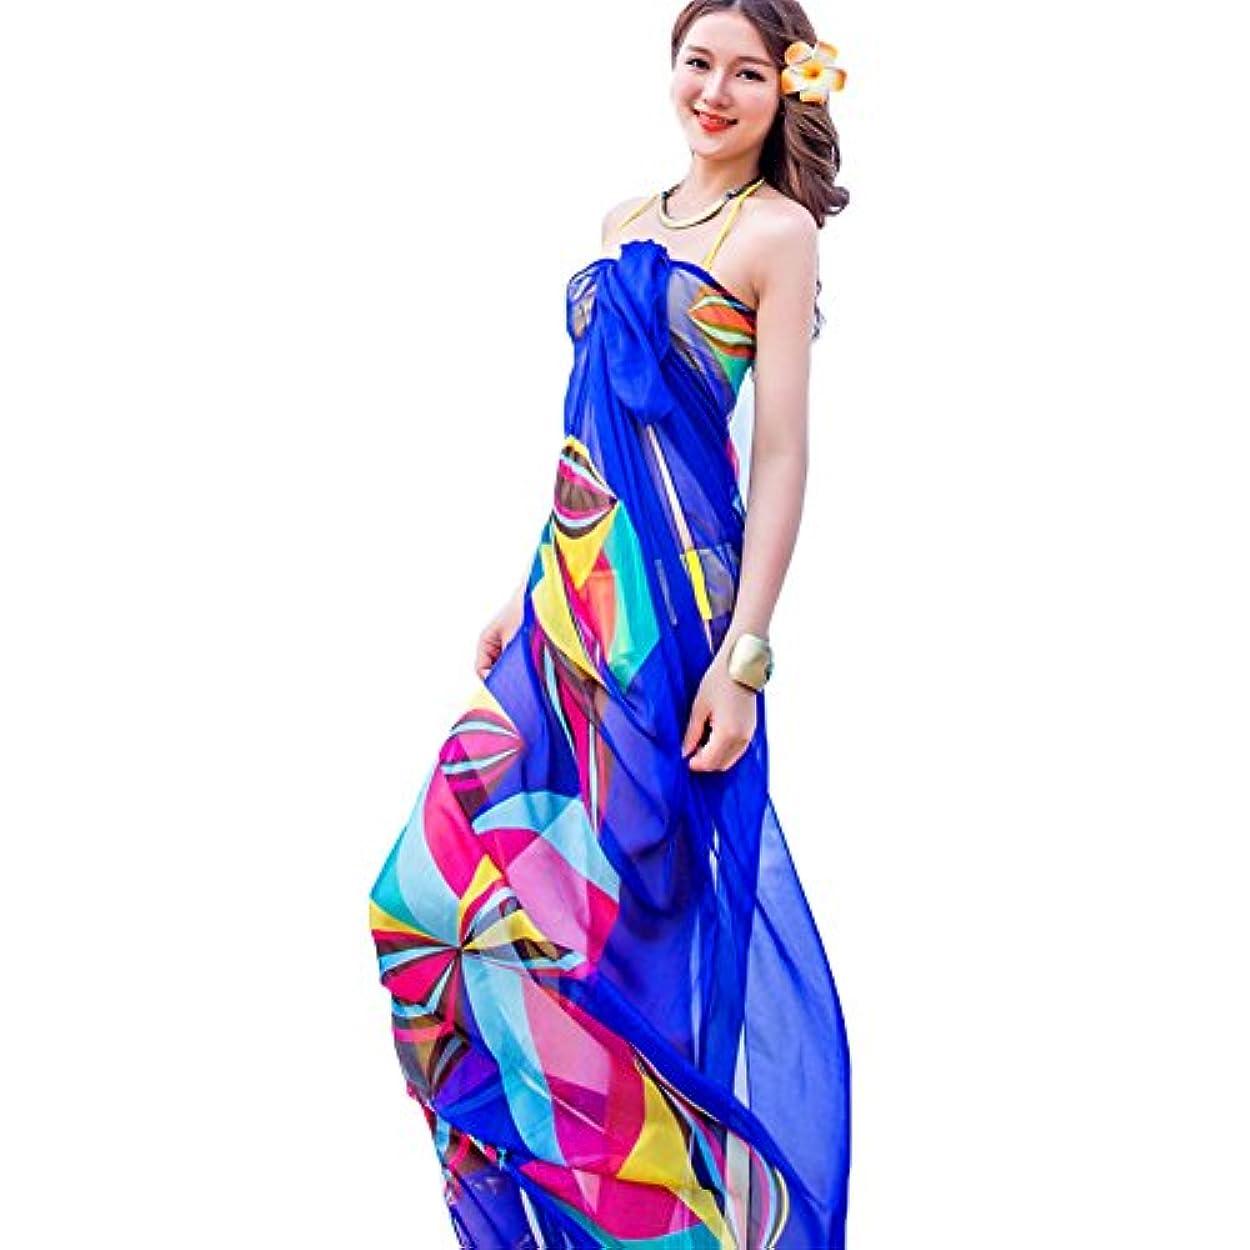 アリミシンエコーLiebeye スカーフ 女性 スタイリッシュ 幾何学 印刷 明るい色 ビーチ サンスクリーン 190cm*140cm